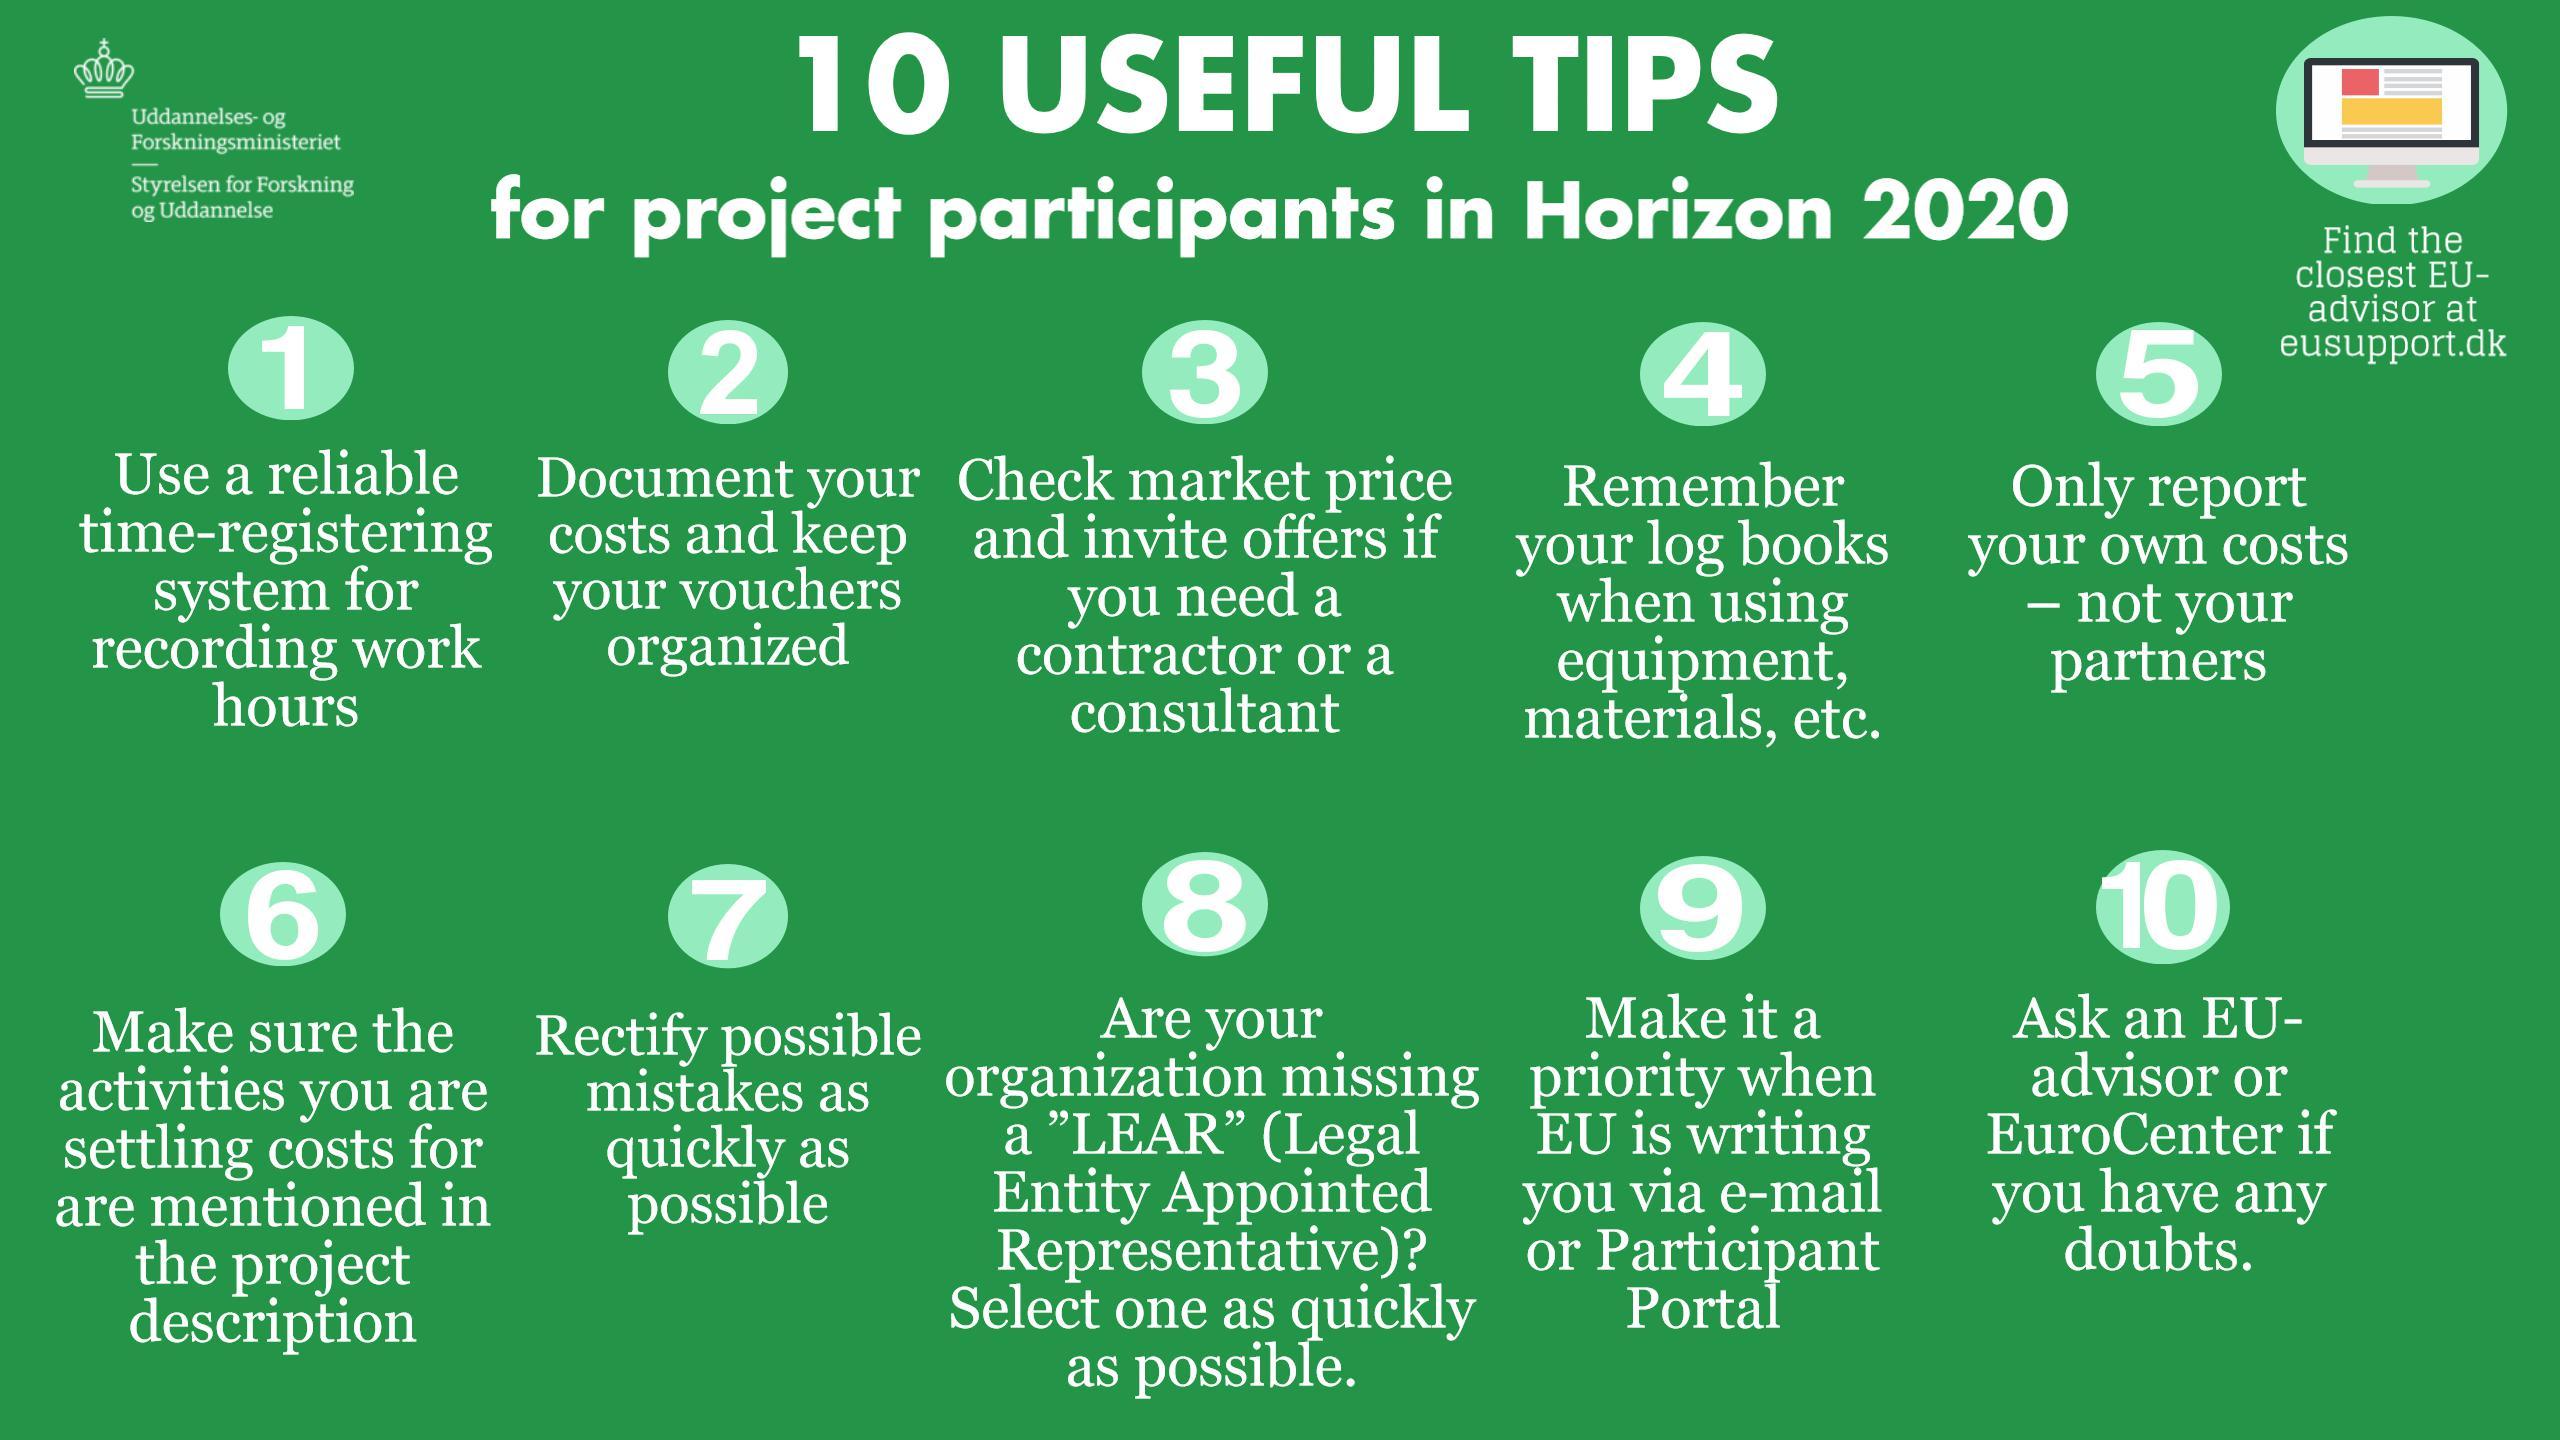 10 useful tips